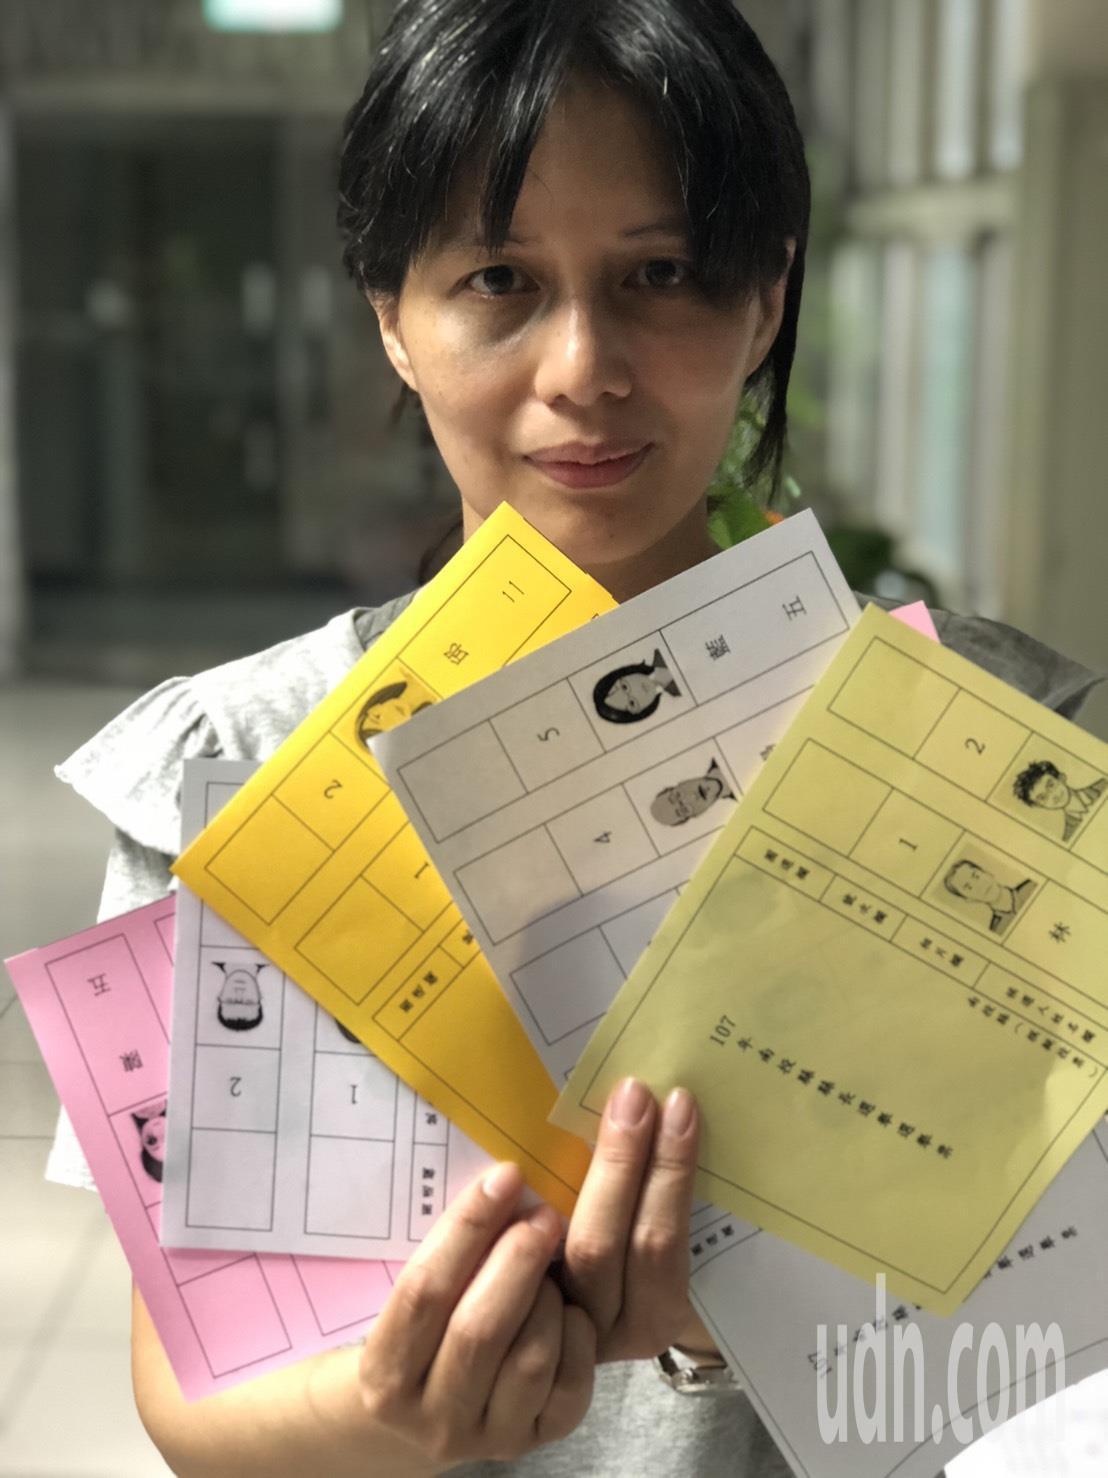 南投縣5合一選舉合併公投,選務作業相當複雜,南投縣選委會10日將舉辦模擬投票,讓...